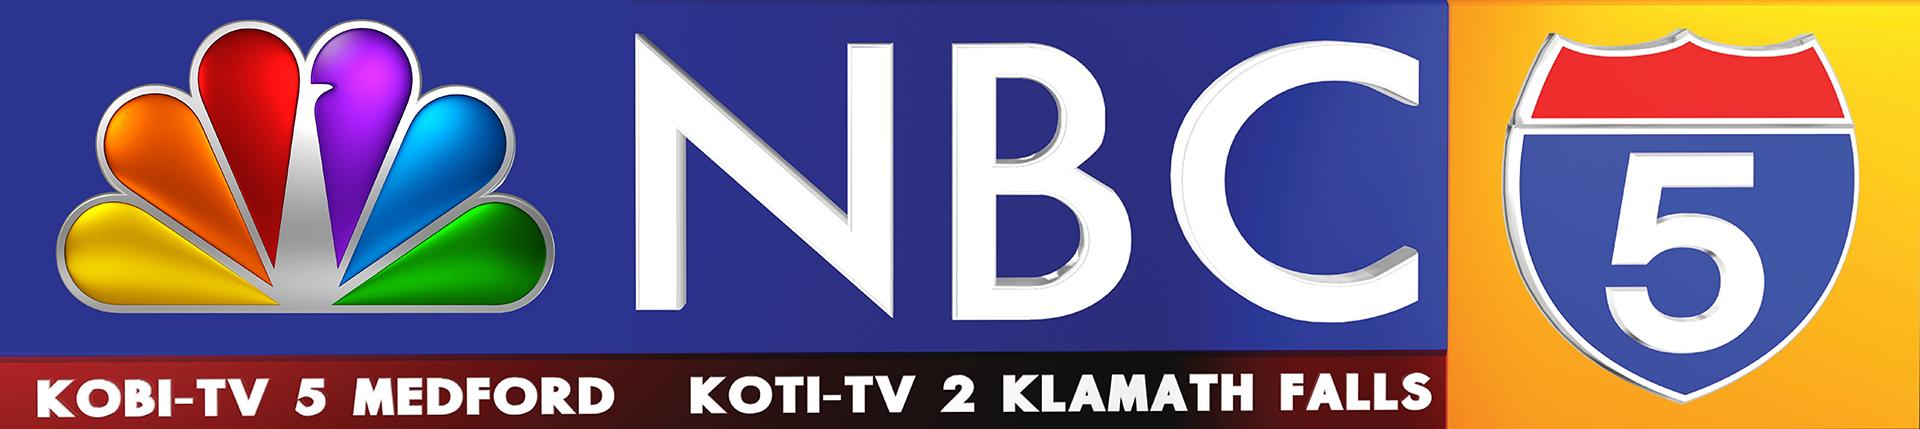 KOBI TV 5